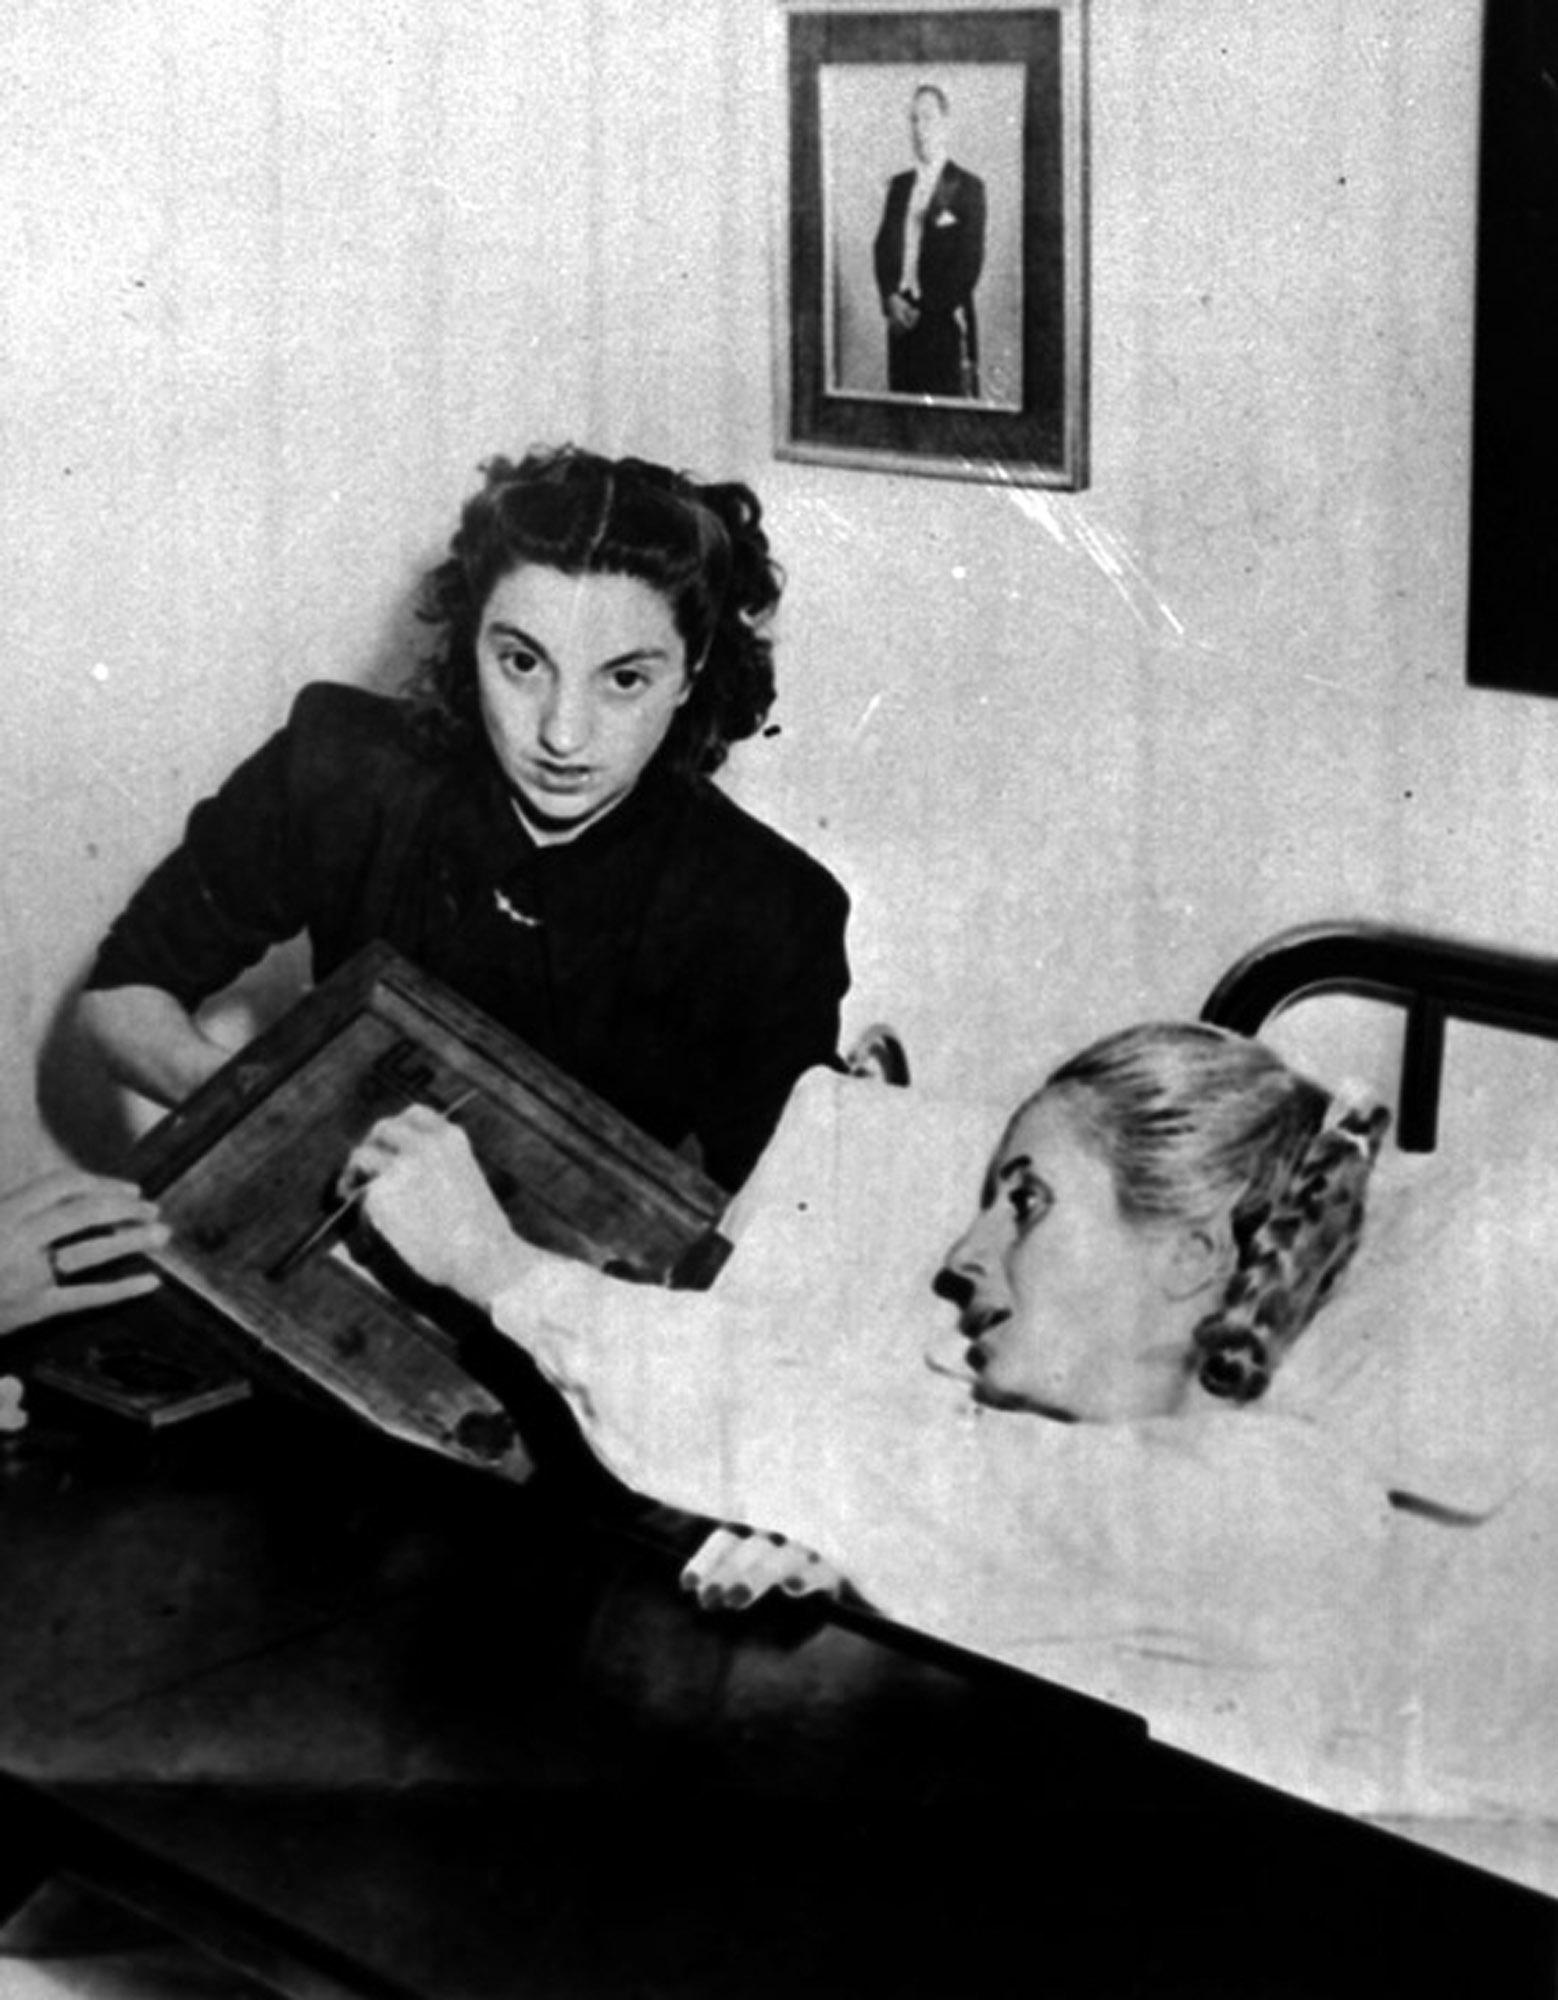 Aunque convalecía en hospital luego de una cirugía, en noviembre de 1951 Perón no dejó pasar la oportunidad de participar en las elecciones argentinas. (Archivo)